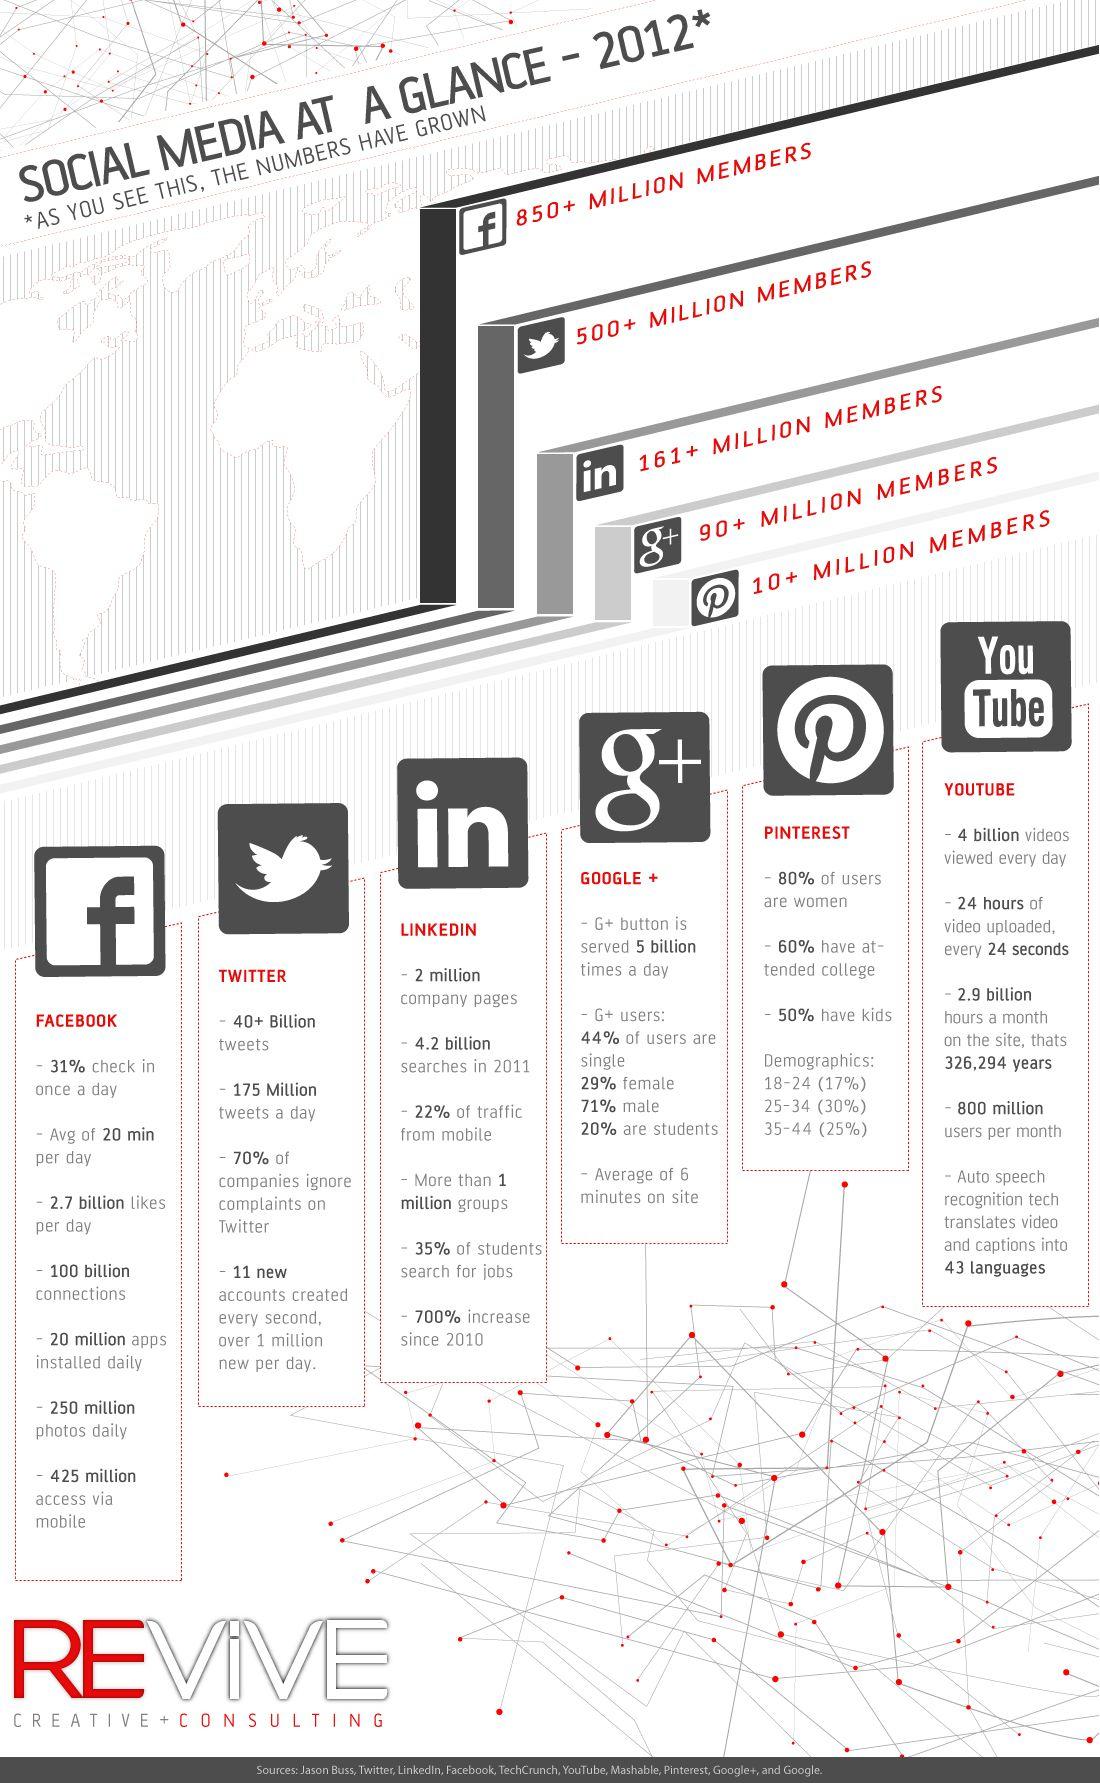 Social Media At A Glance - 2012